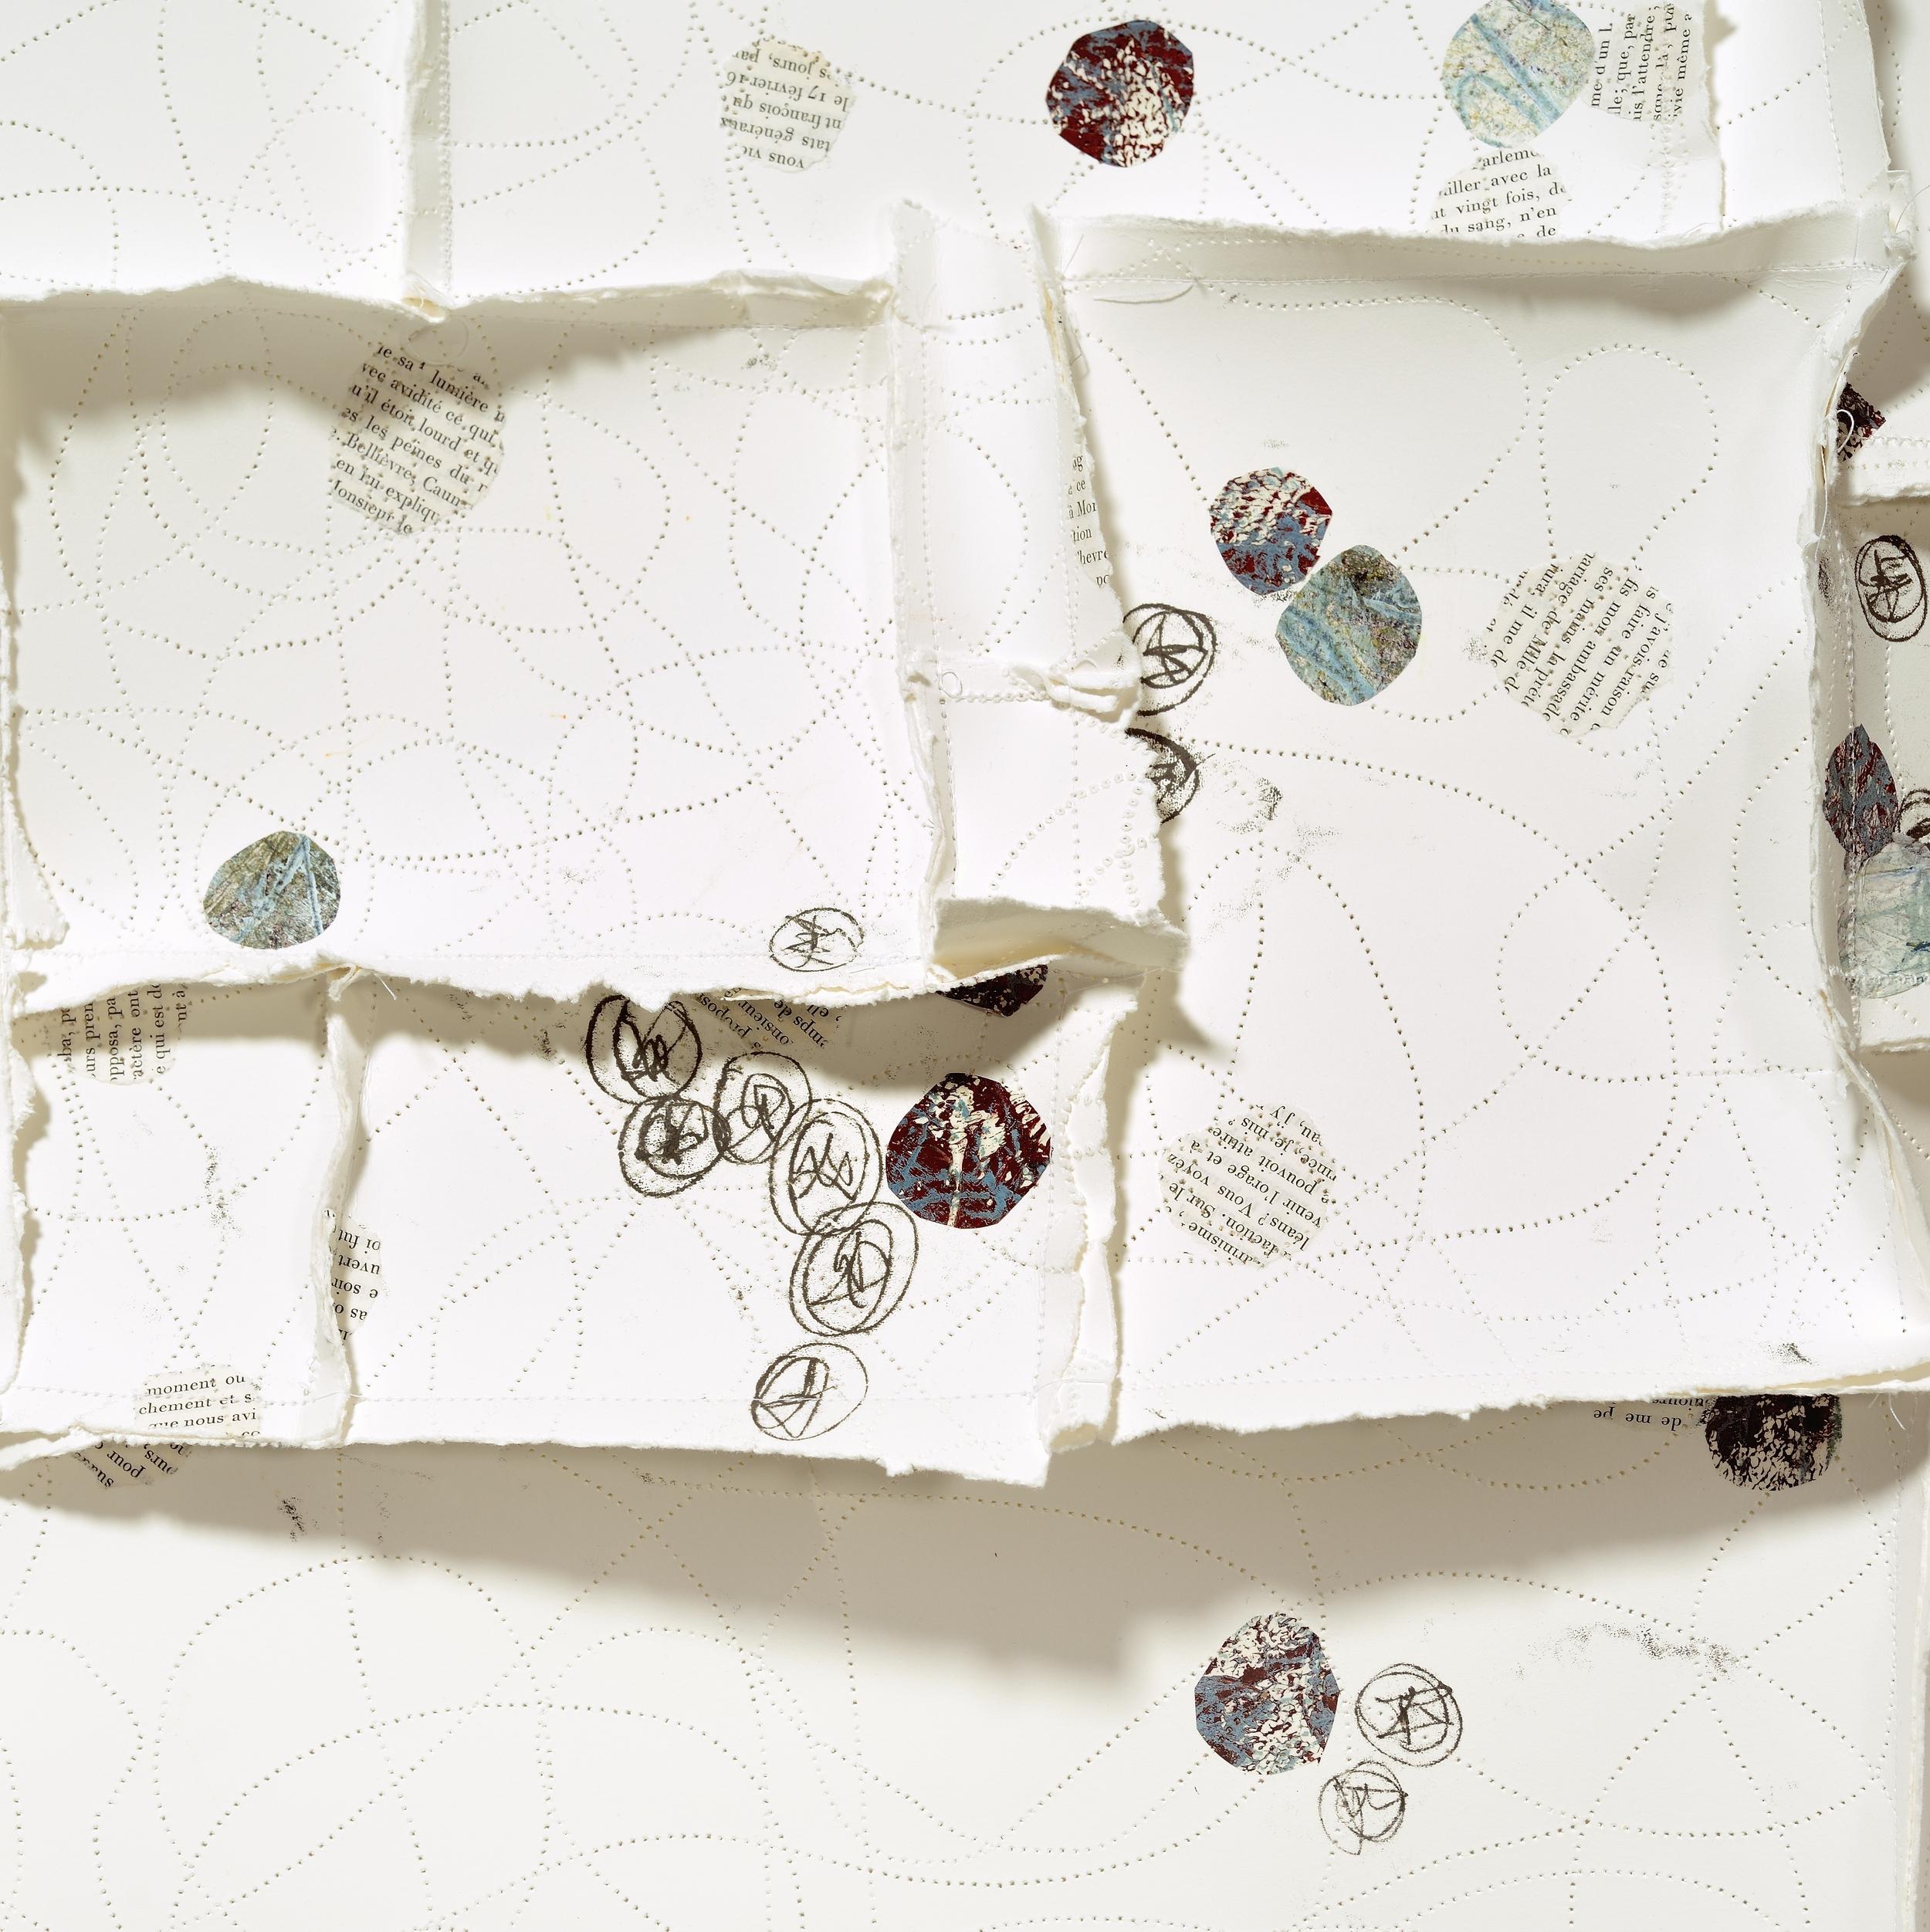 Paper Float detail